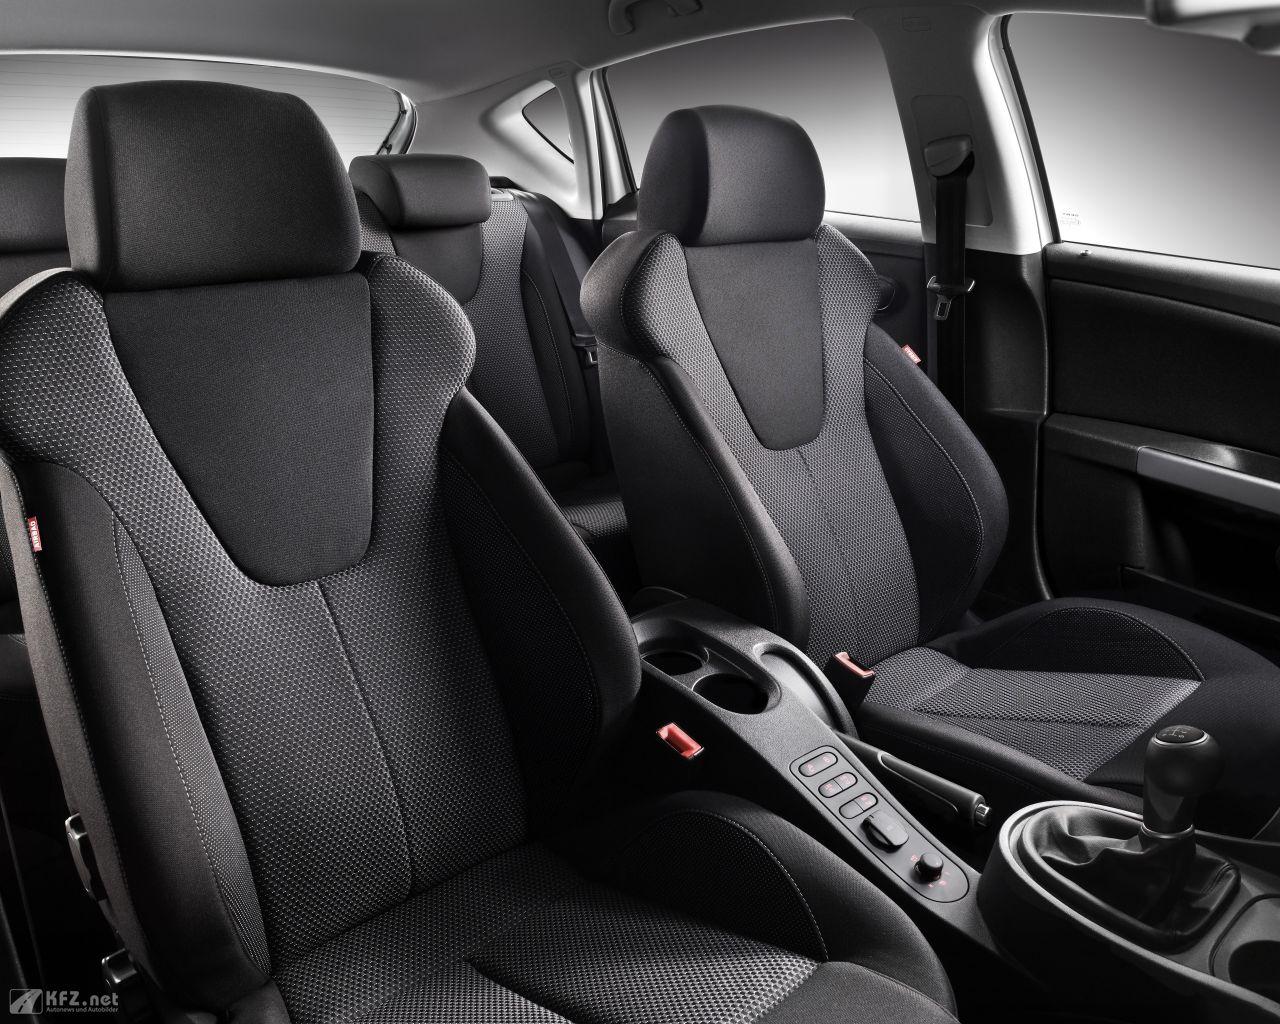 seat-leon-1280x1024-19